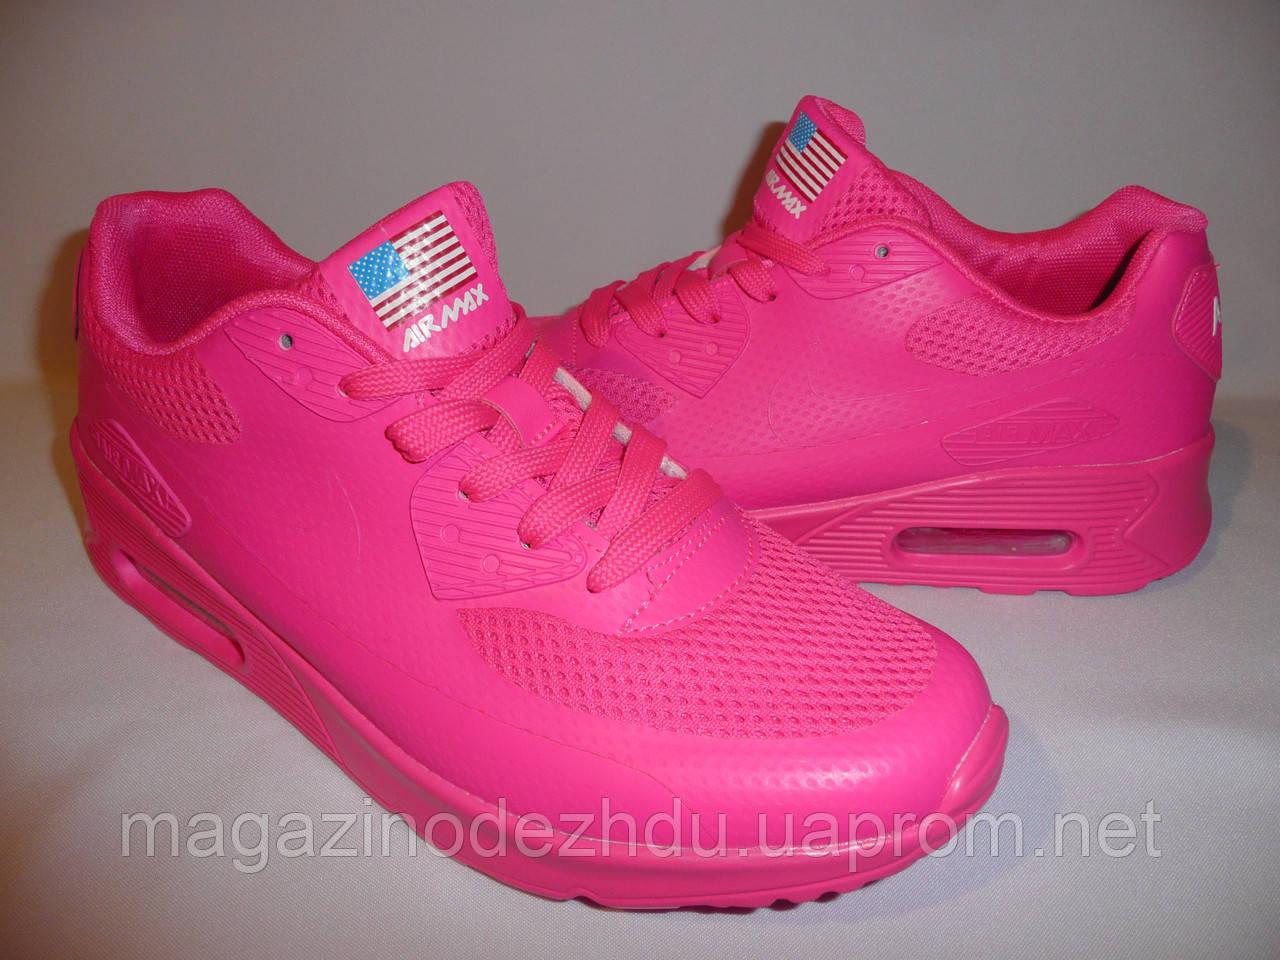 416a29159ddf Купить Женские кроссовки для девушек nike для бега и фитнеса air max 90  hyperfuse розовые сетка